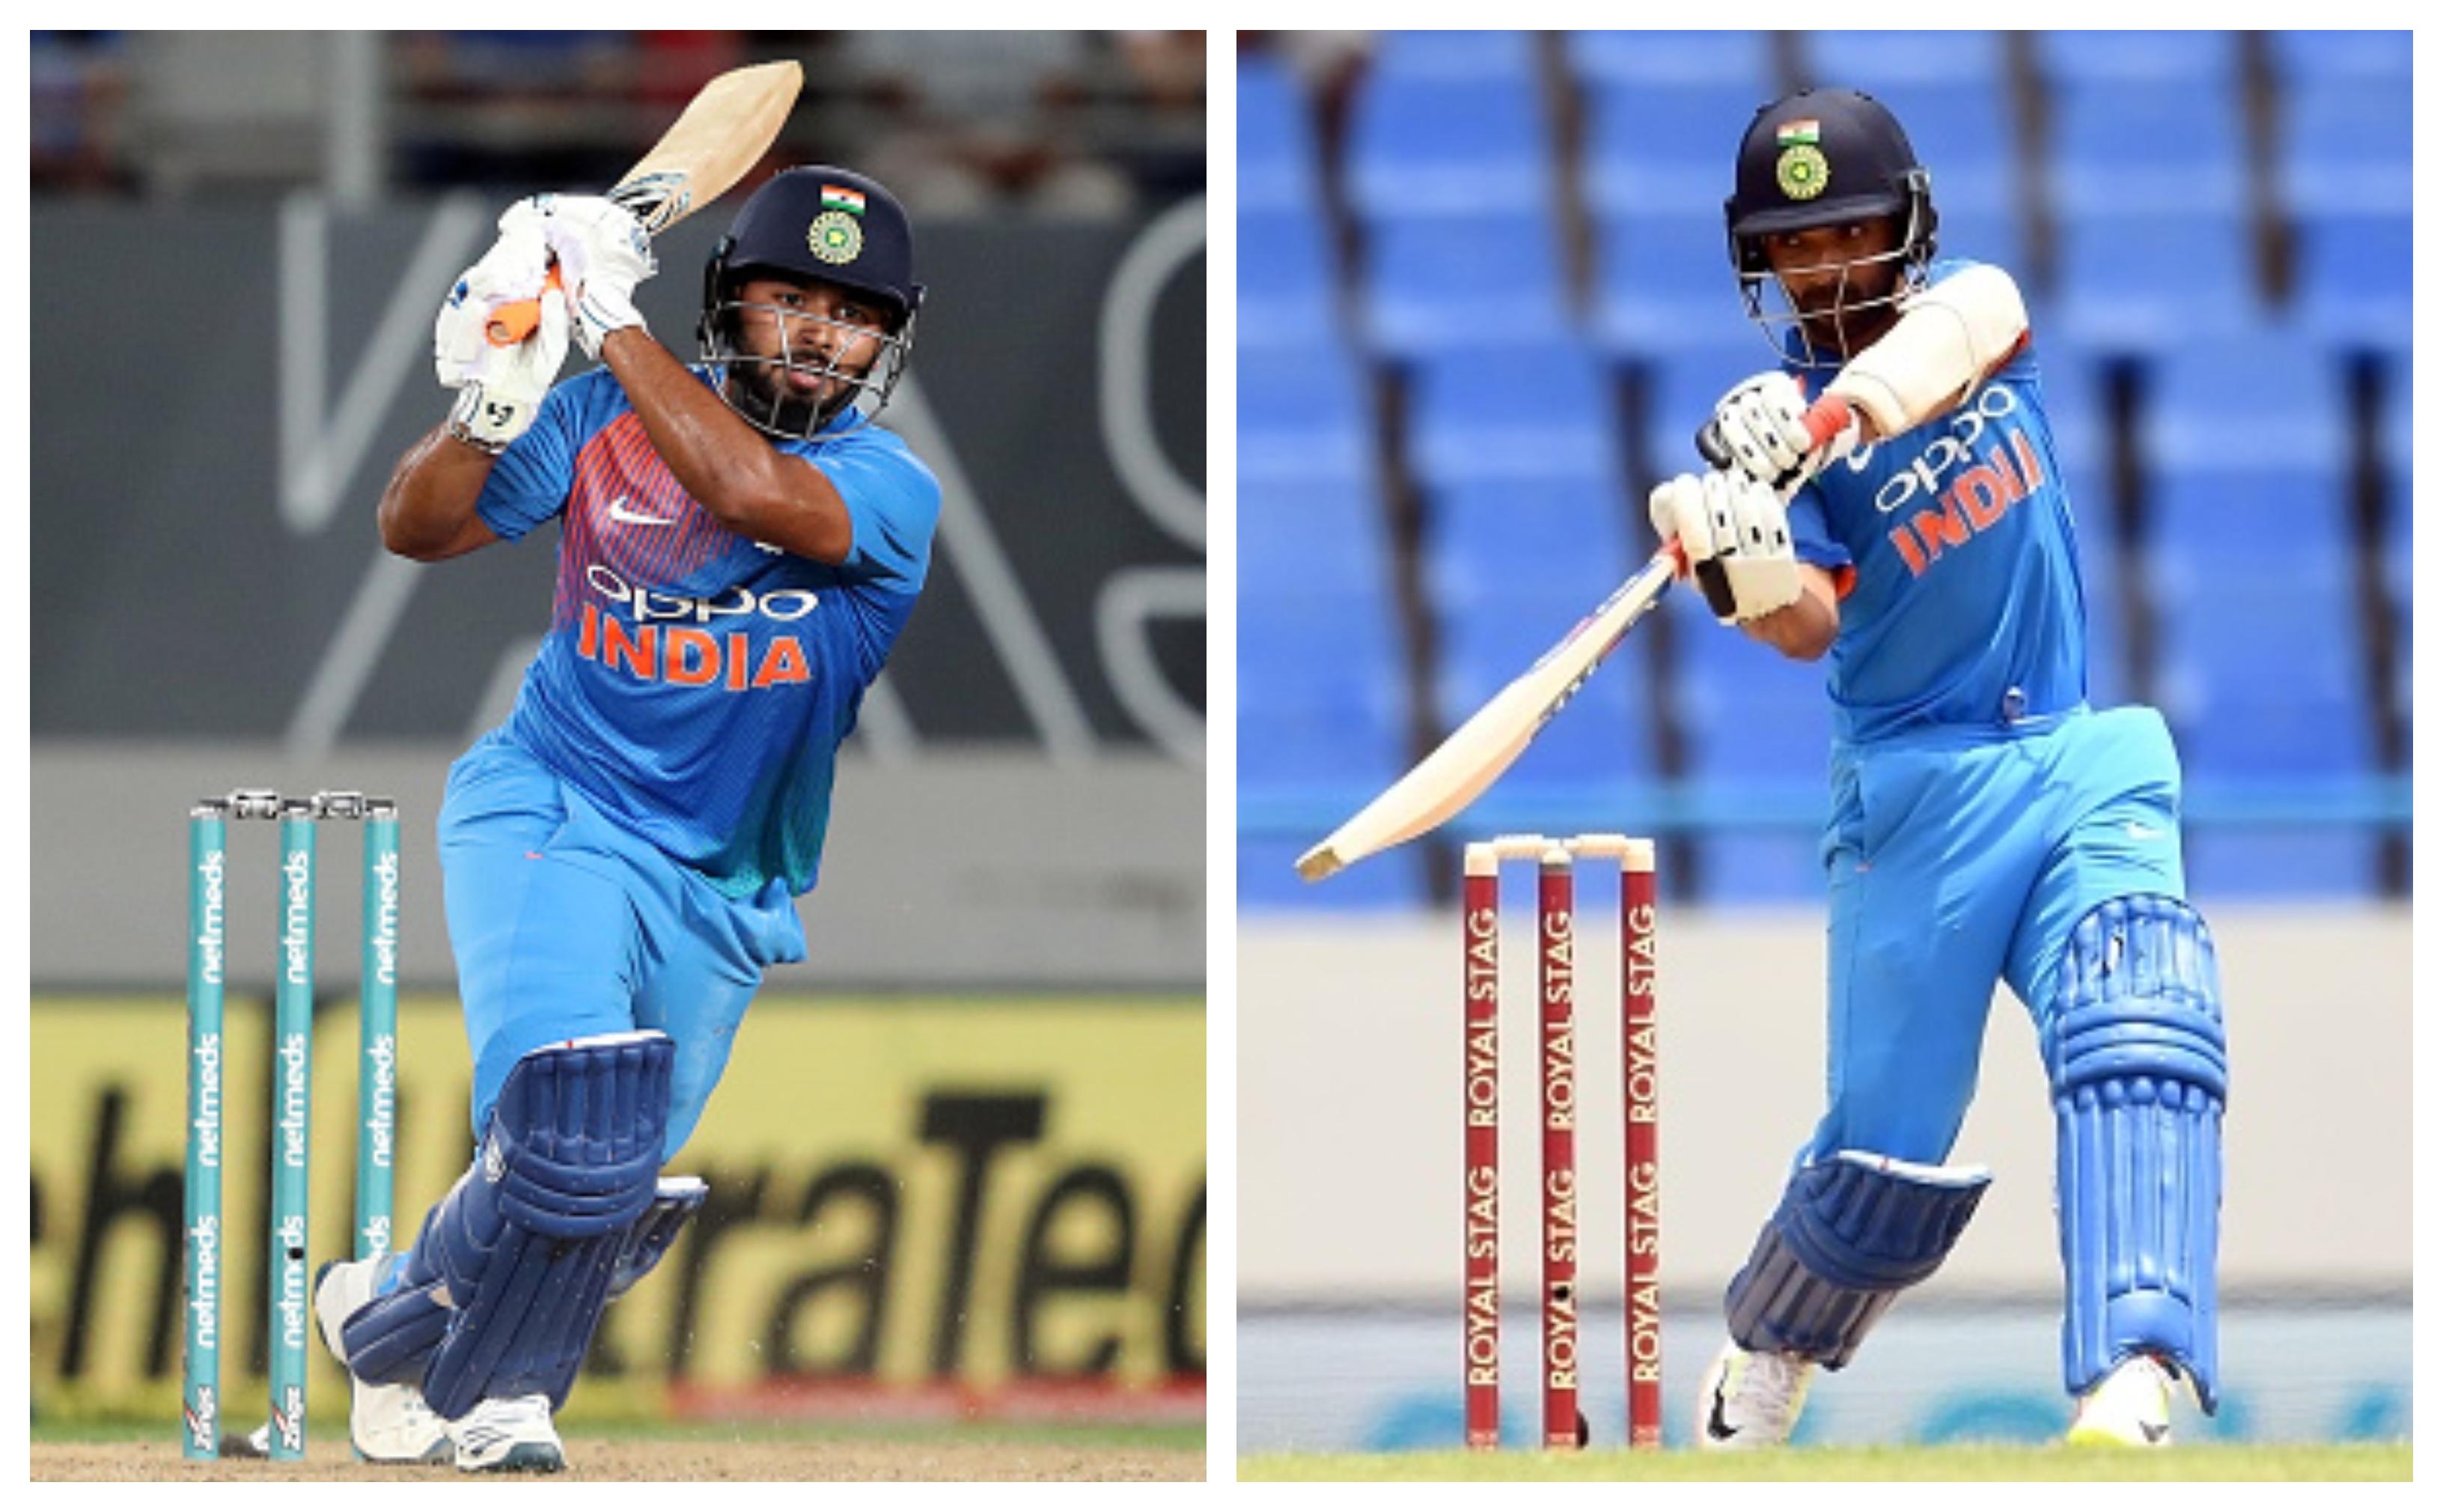 Rishabh Pant and Ajinkya Rahane | Getty